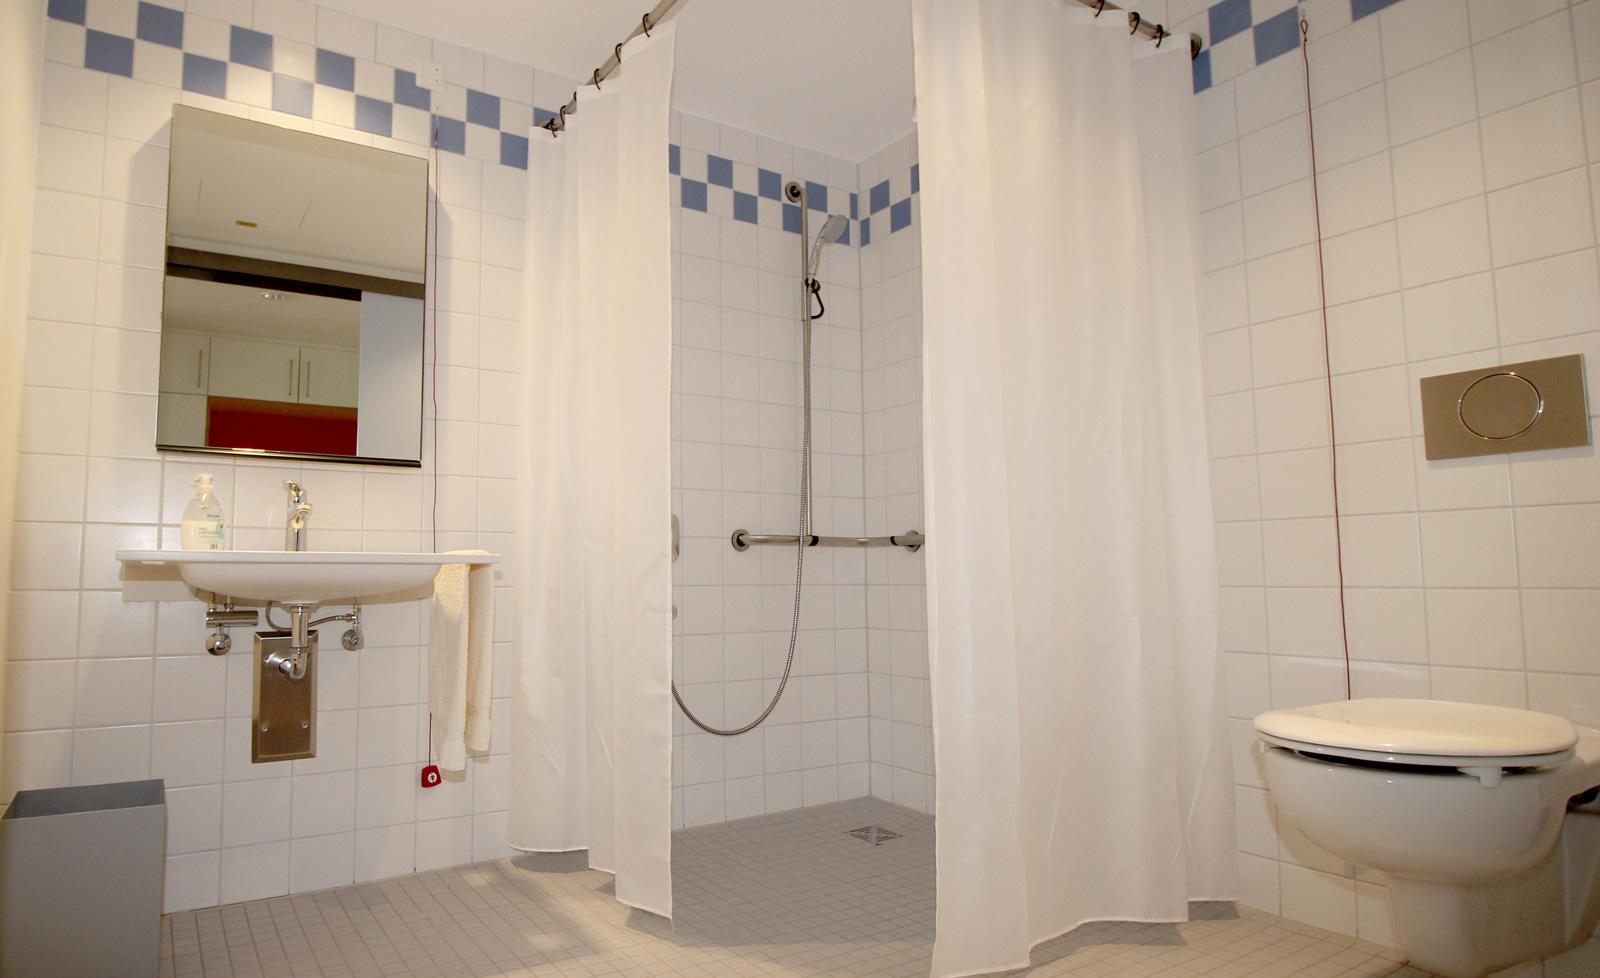 Inklusives Zuhause: Noch zwei Apartments mit modernem Bad (Bild) sind derzeit noch zu vermieten.